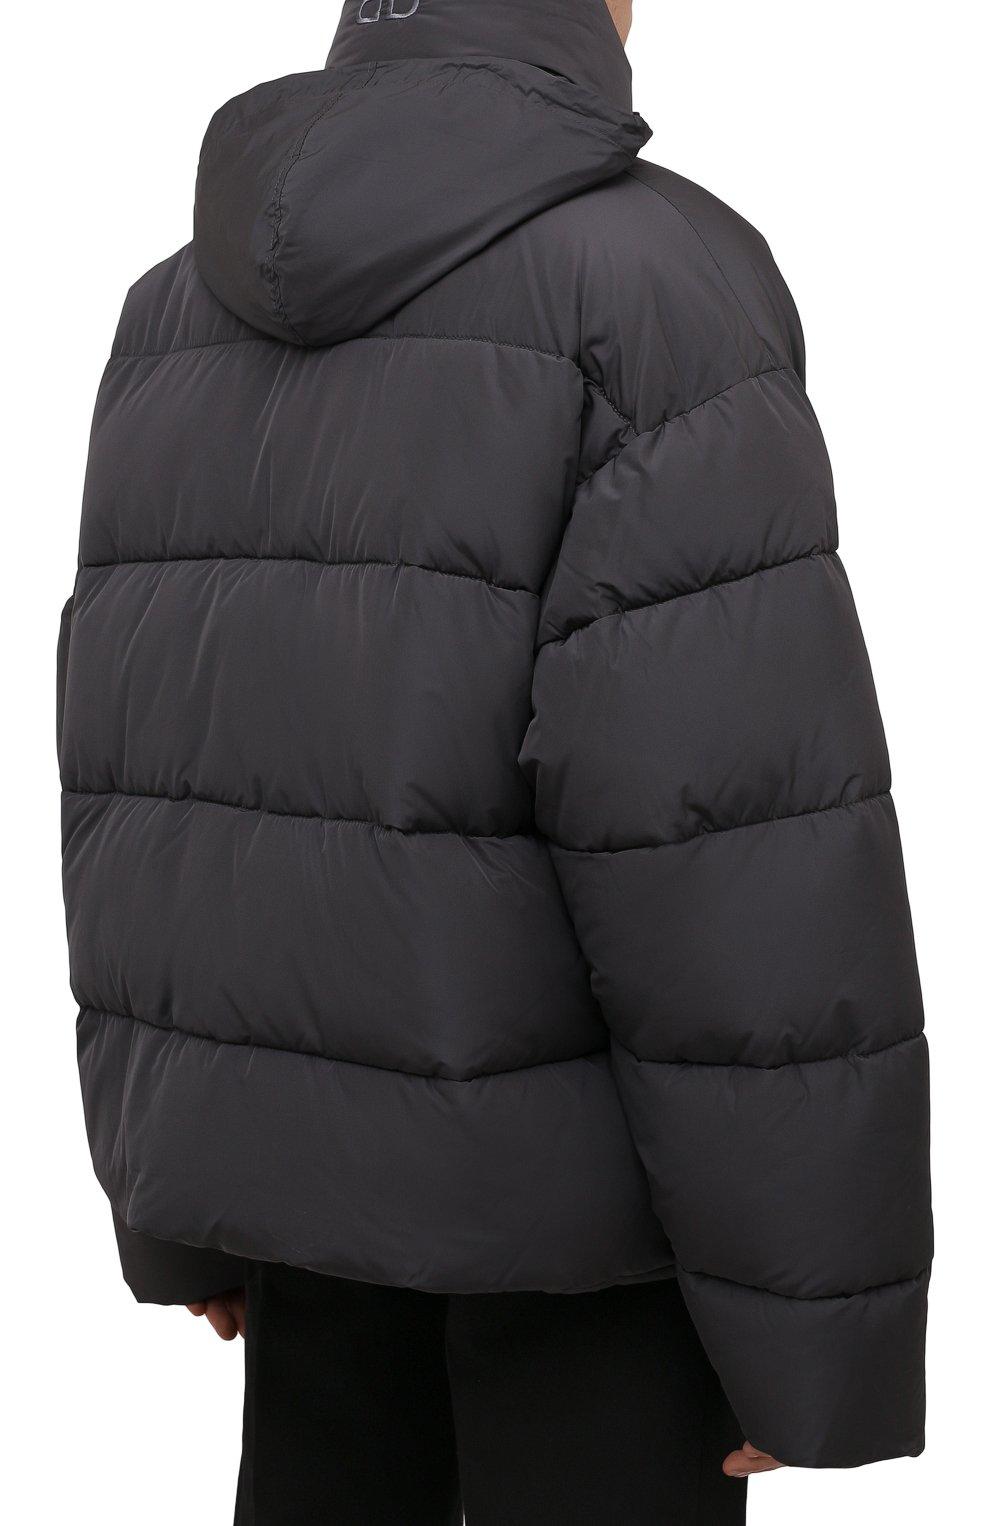 Мужская утепленная куртка BALENCIAGA серого цвета, арт. 642228/TYD36   Фото 6 (Кросс-КТ: Куртка; Мужское Кросс-КТ: пуховик-короткий; Рукава: Длинные; Материал внешний: Синтетический материал, Вискоза; Материал подклада: Синтетический материал; Длина (верхняя одежда): Короткие; Стили: Минимализм)